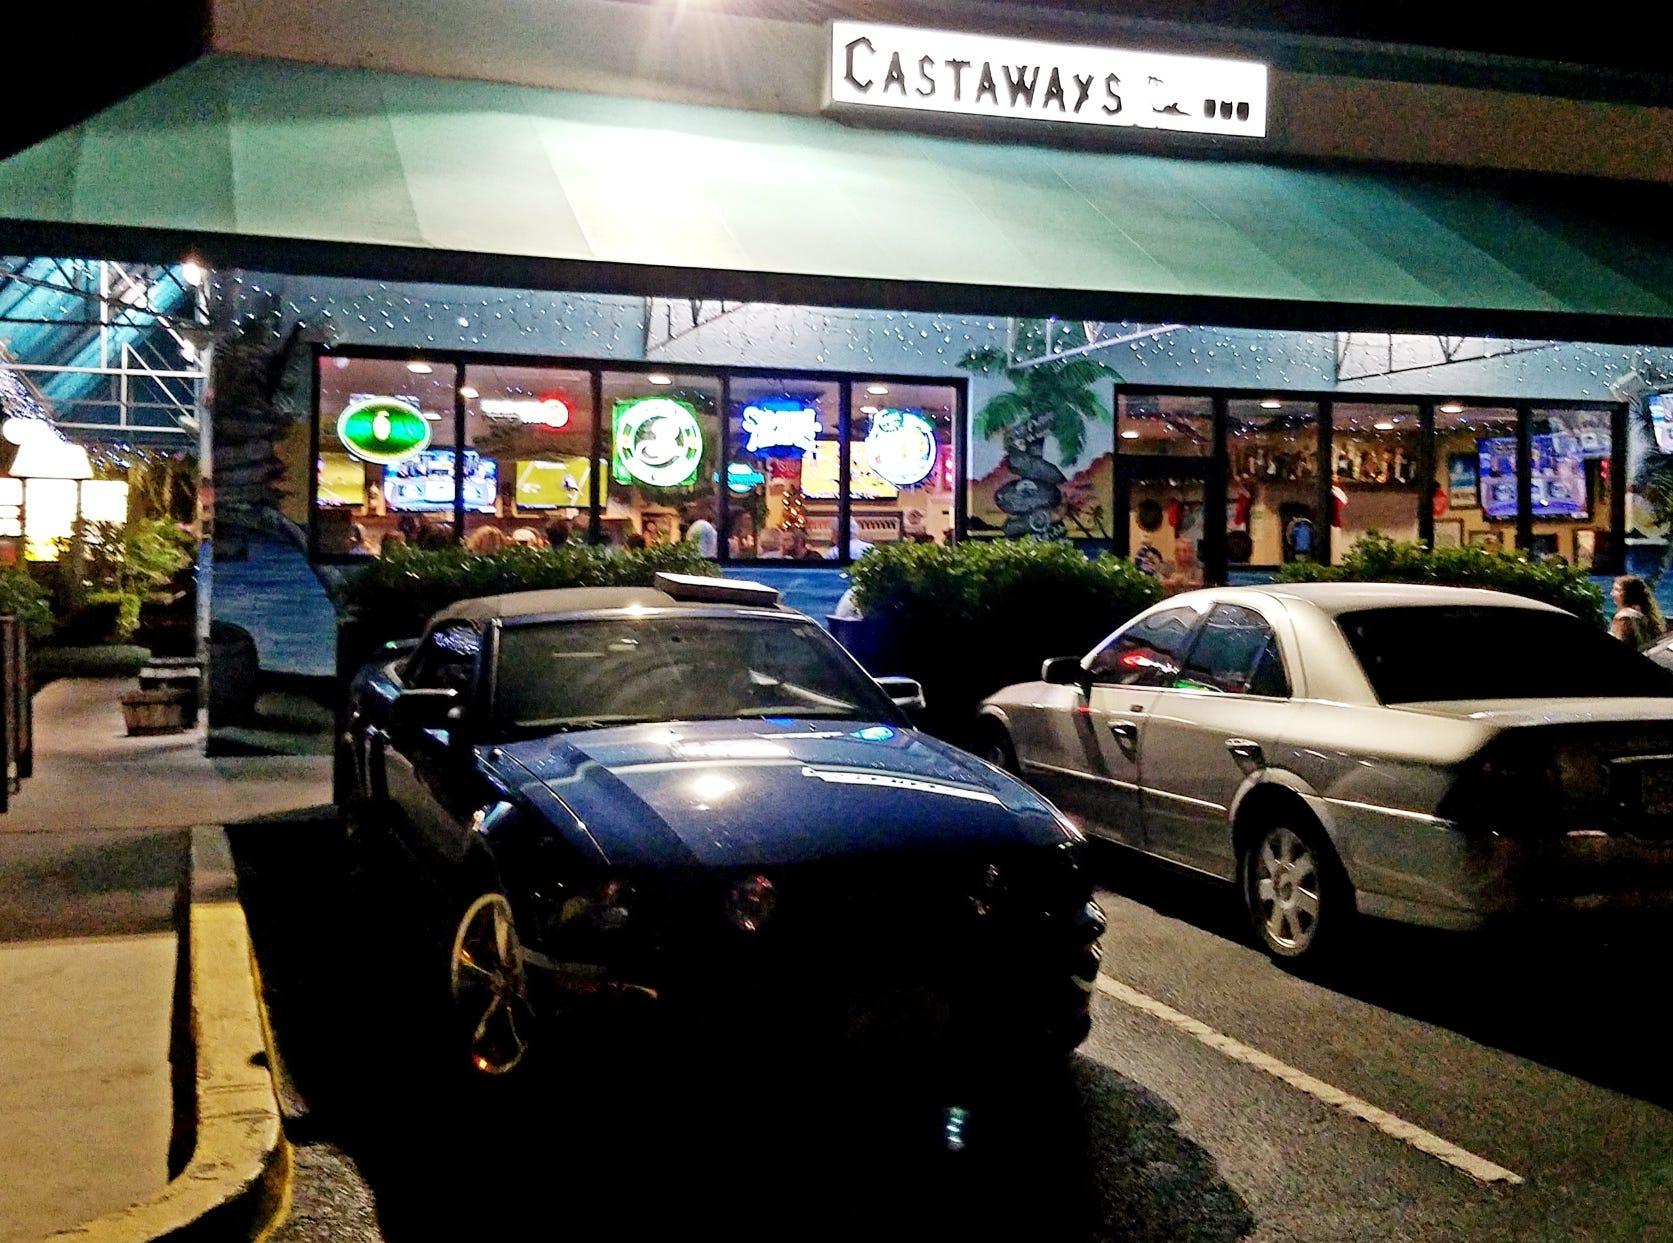 Castaways Gastropub is located at 911 N.E. Jensen Beach Blvd.